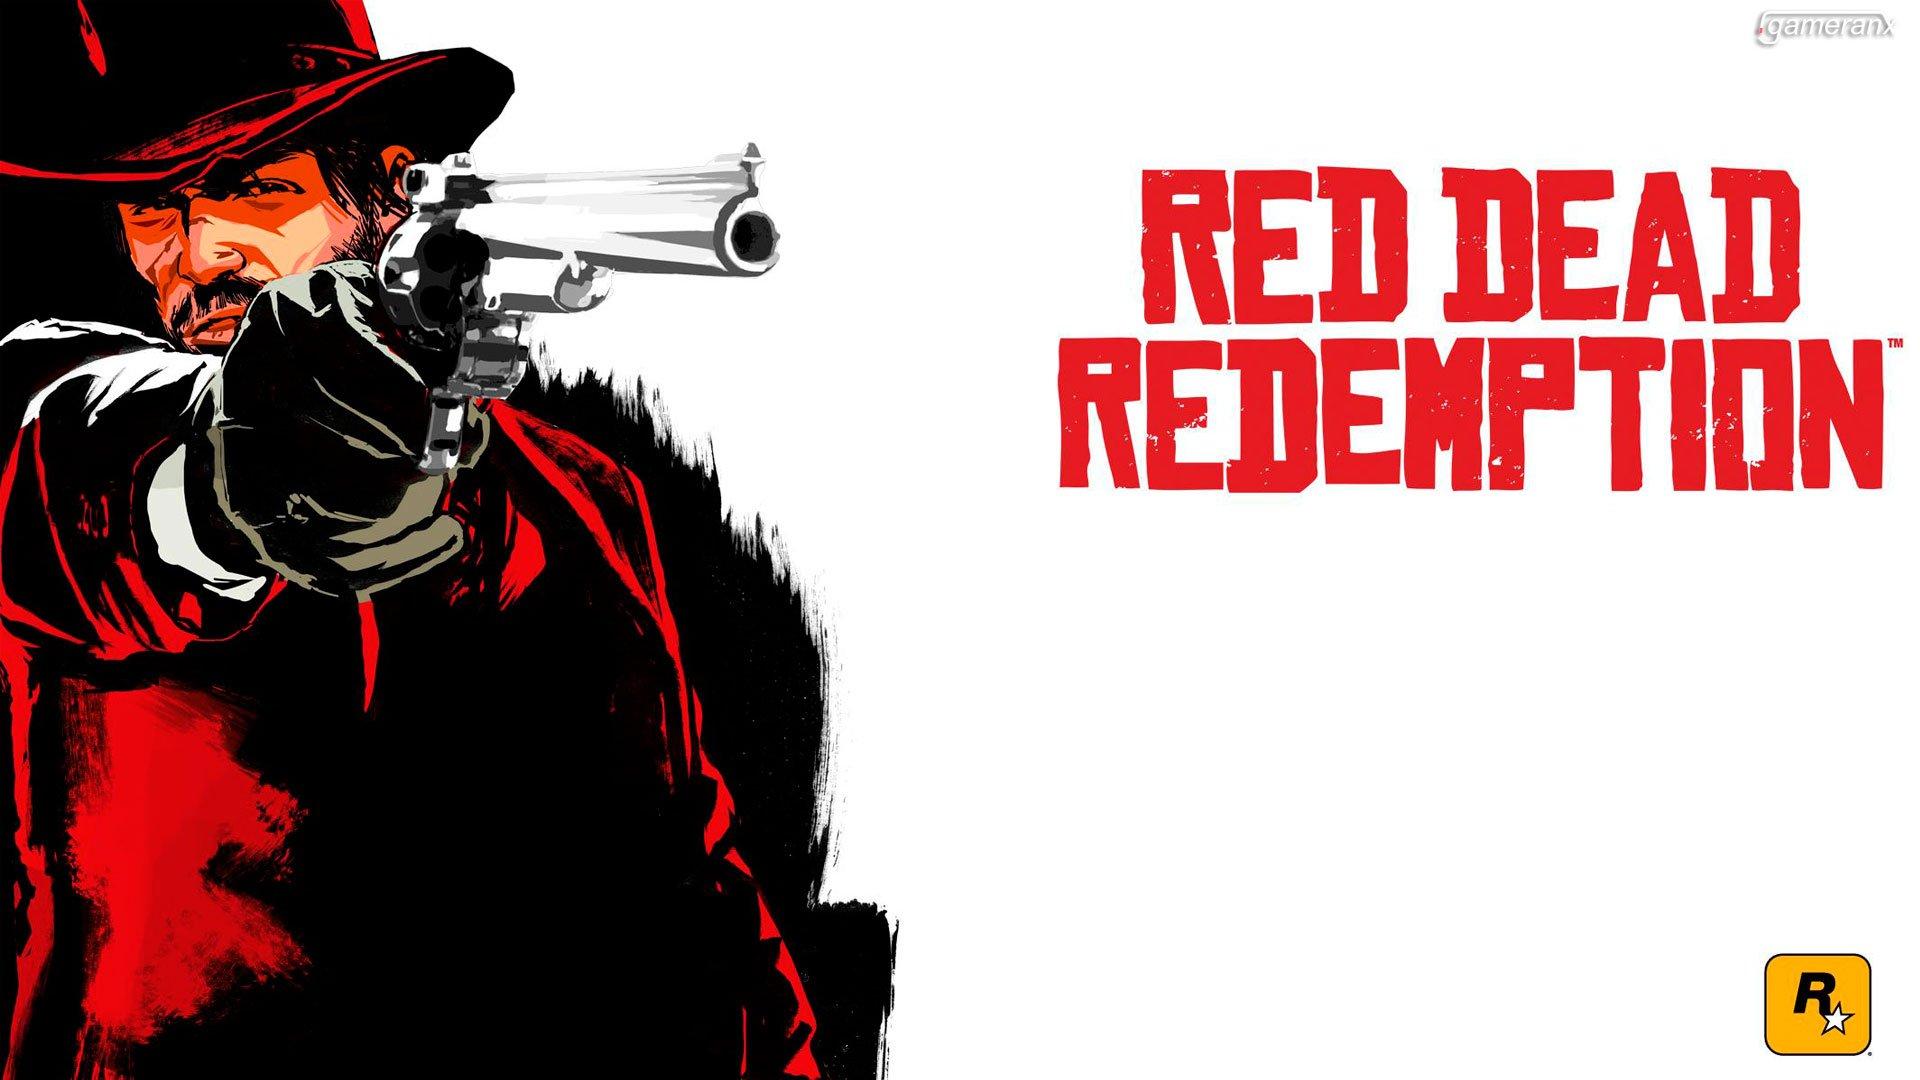 """В эти действительно """"адовые"""" выходные предлагаю собраться и угореть по дикому-дикому западу в Red Dead Redemption.  ... - Изображение 1"""